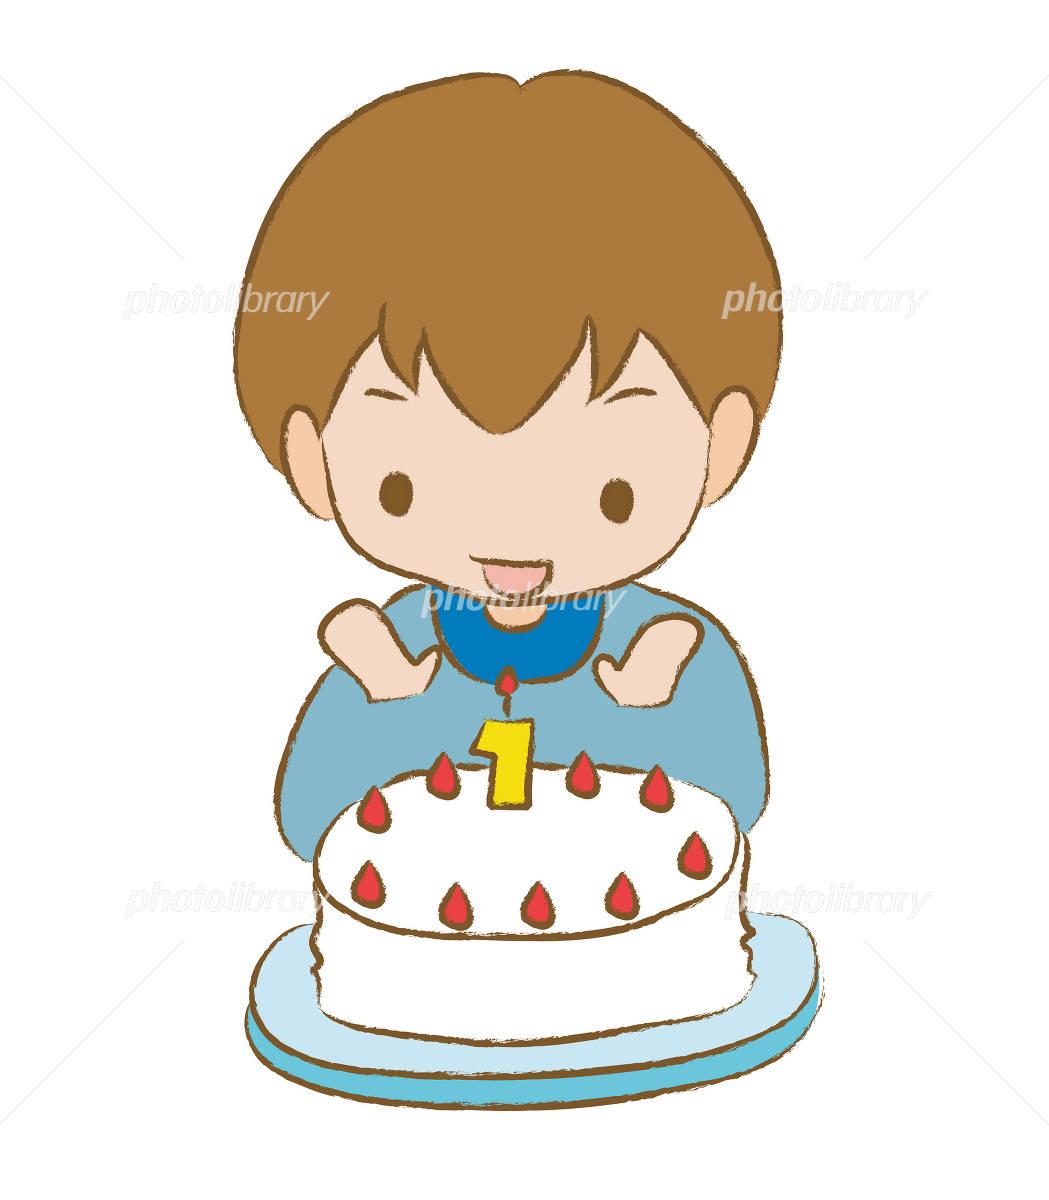 1歳の誕生日 イラスト素材 2754719 無料 フォトライブラリー